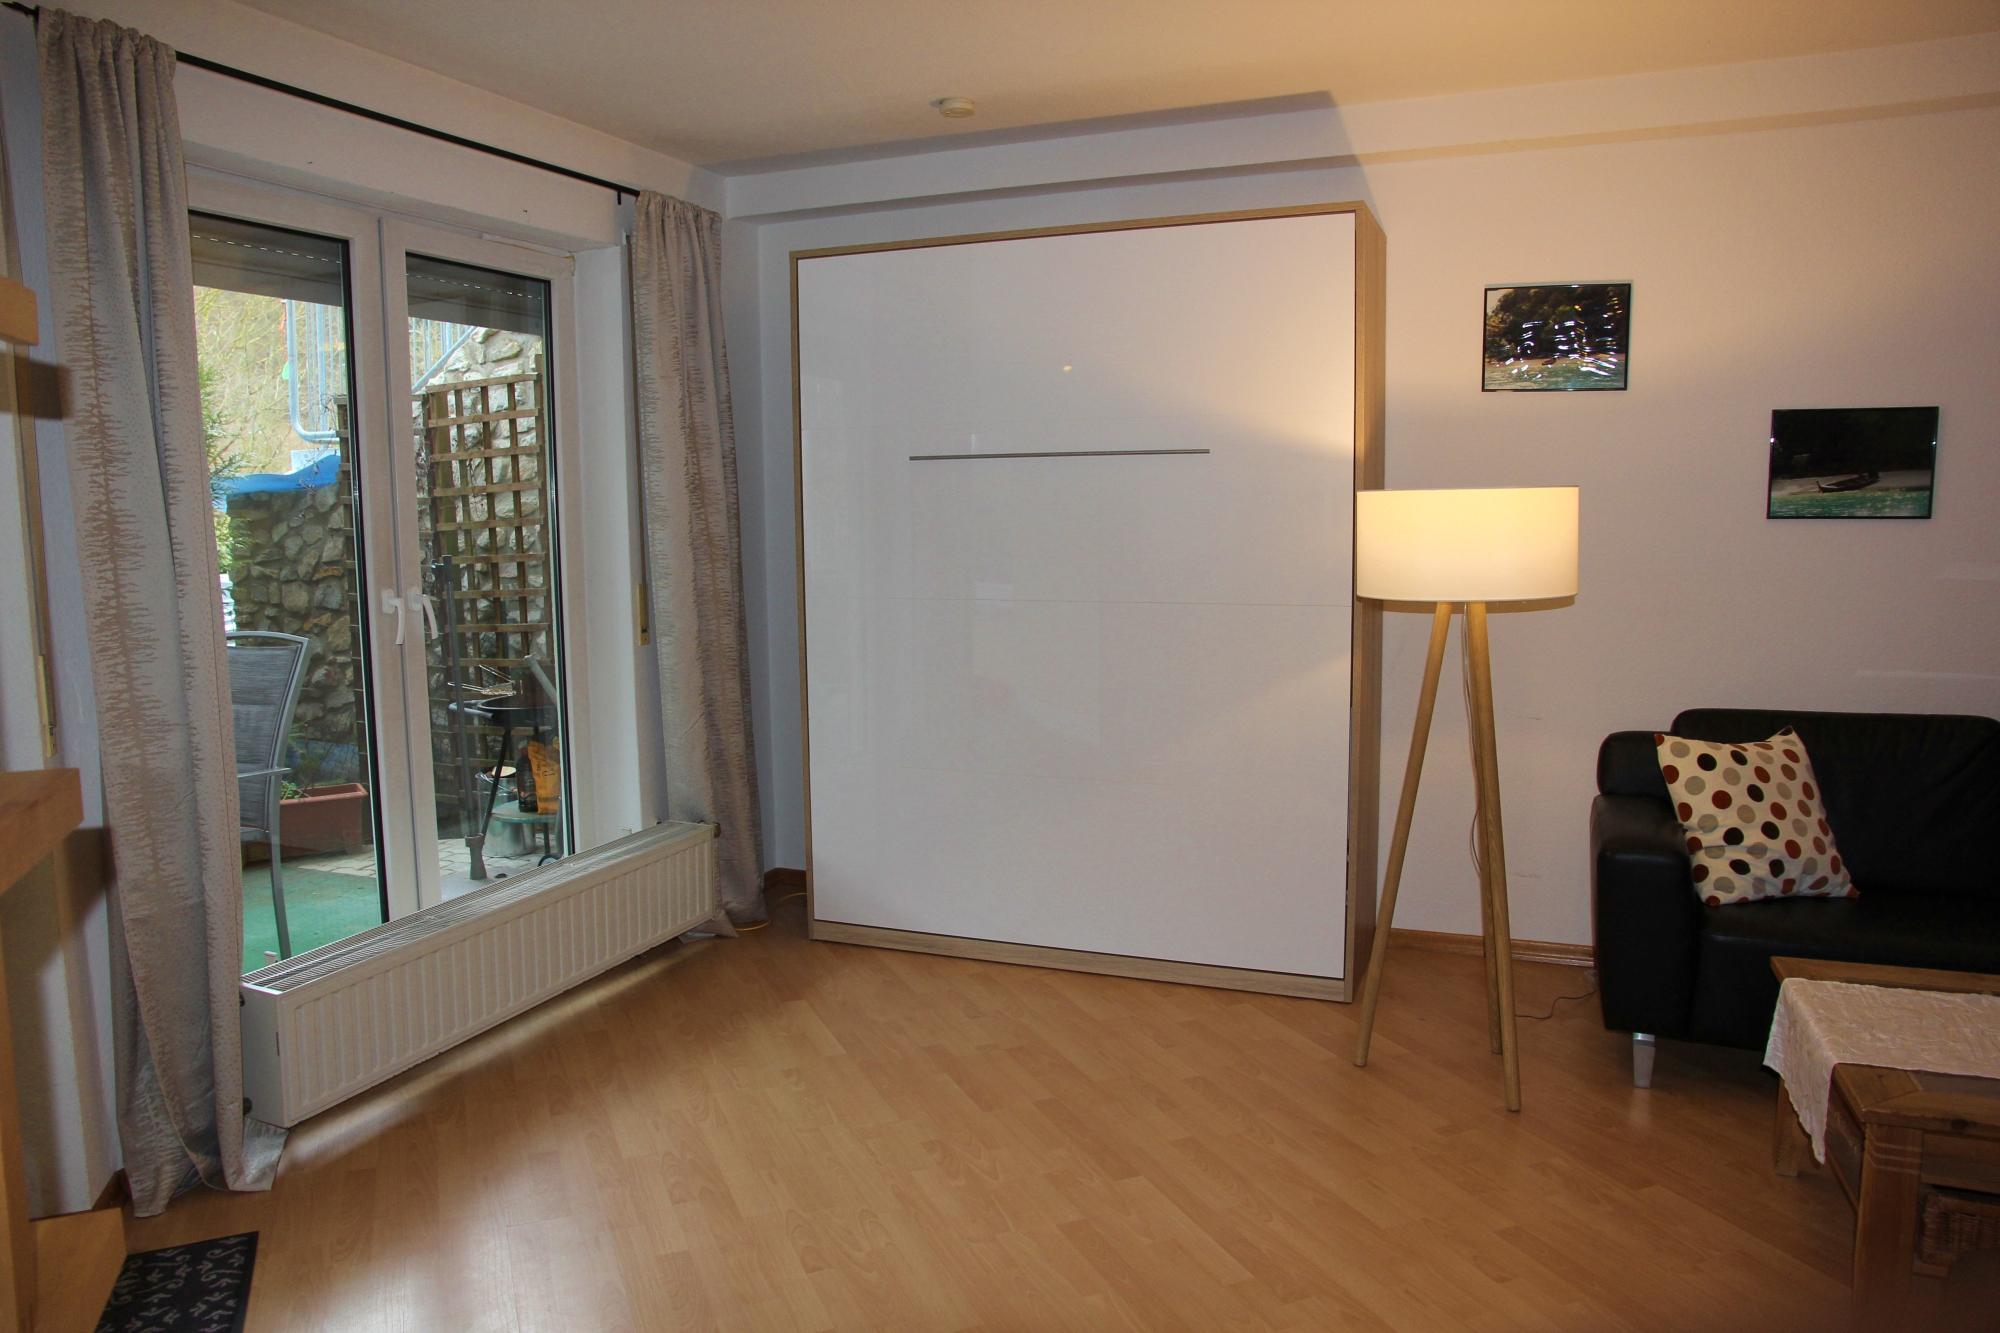 Ferienwohnung Sayn - Wohnzimmer mit Schrankbett